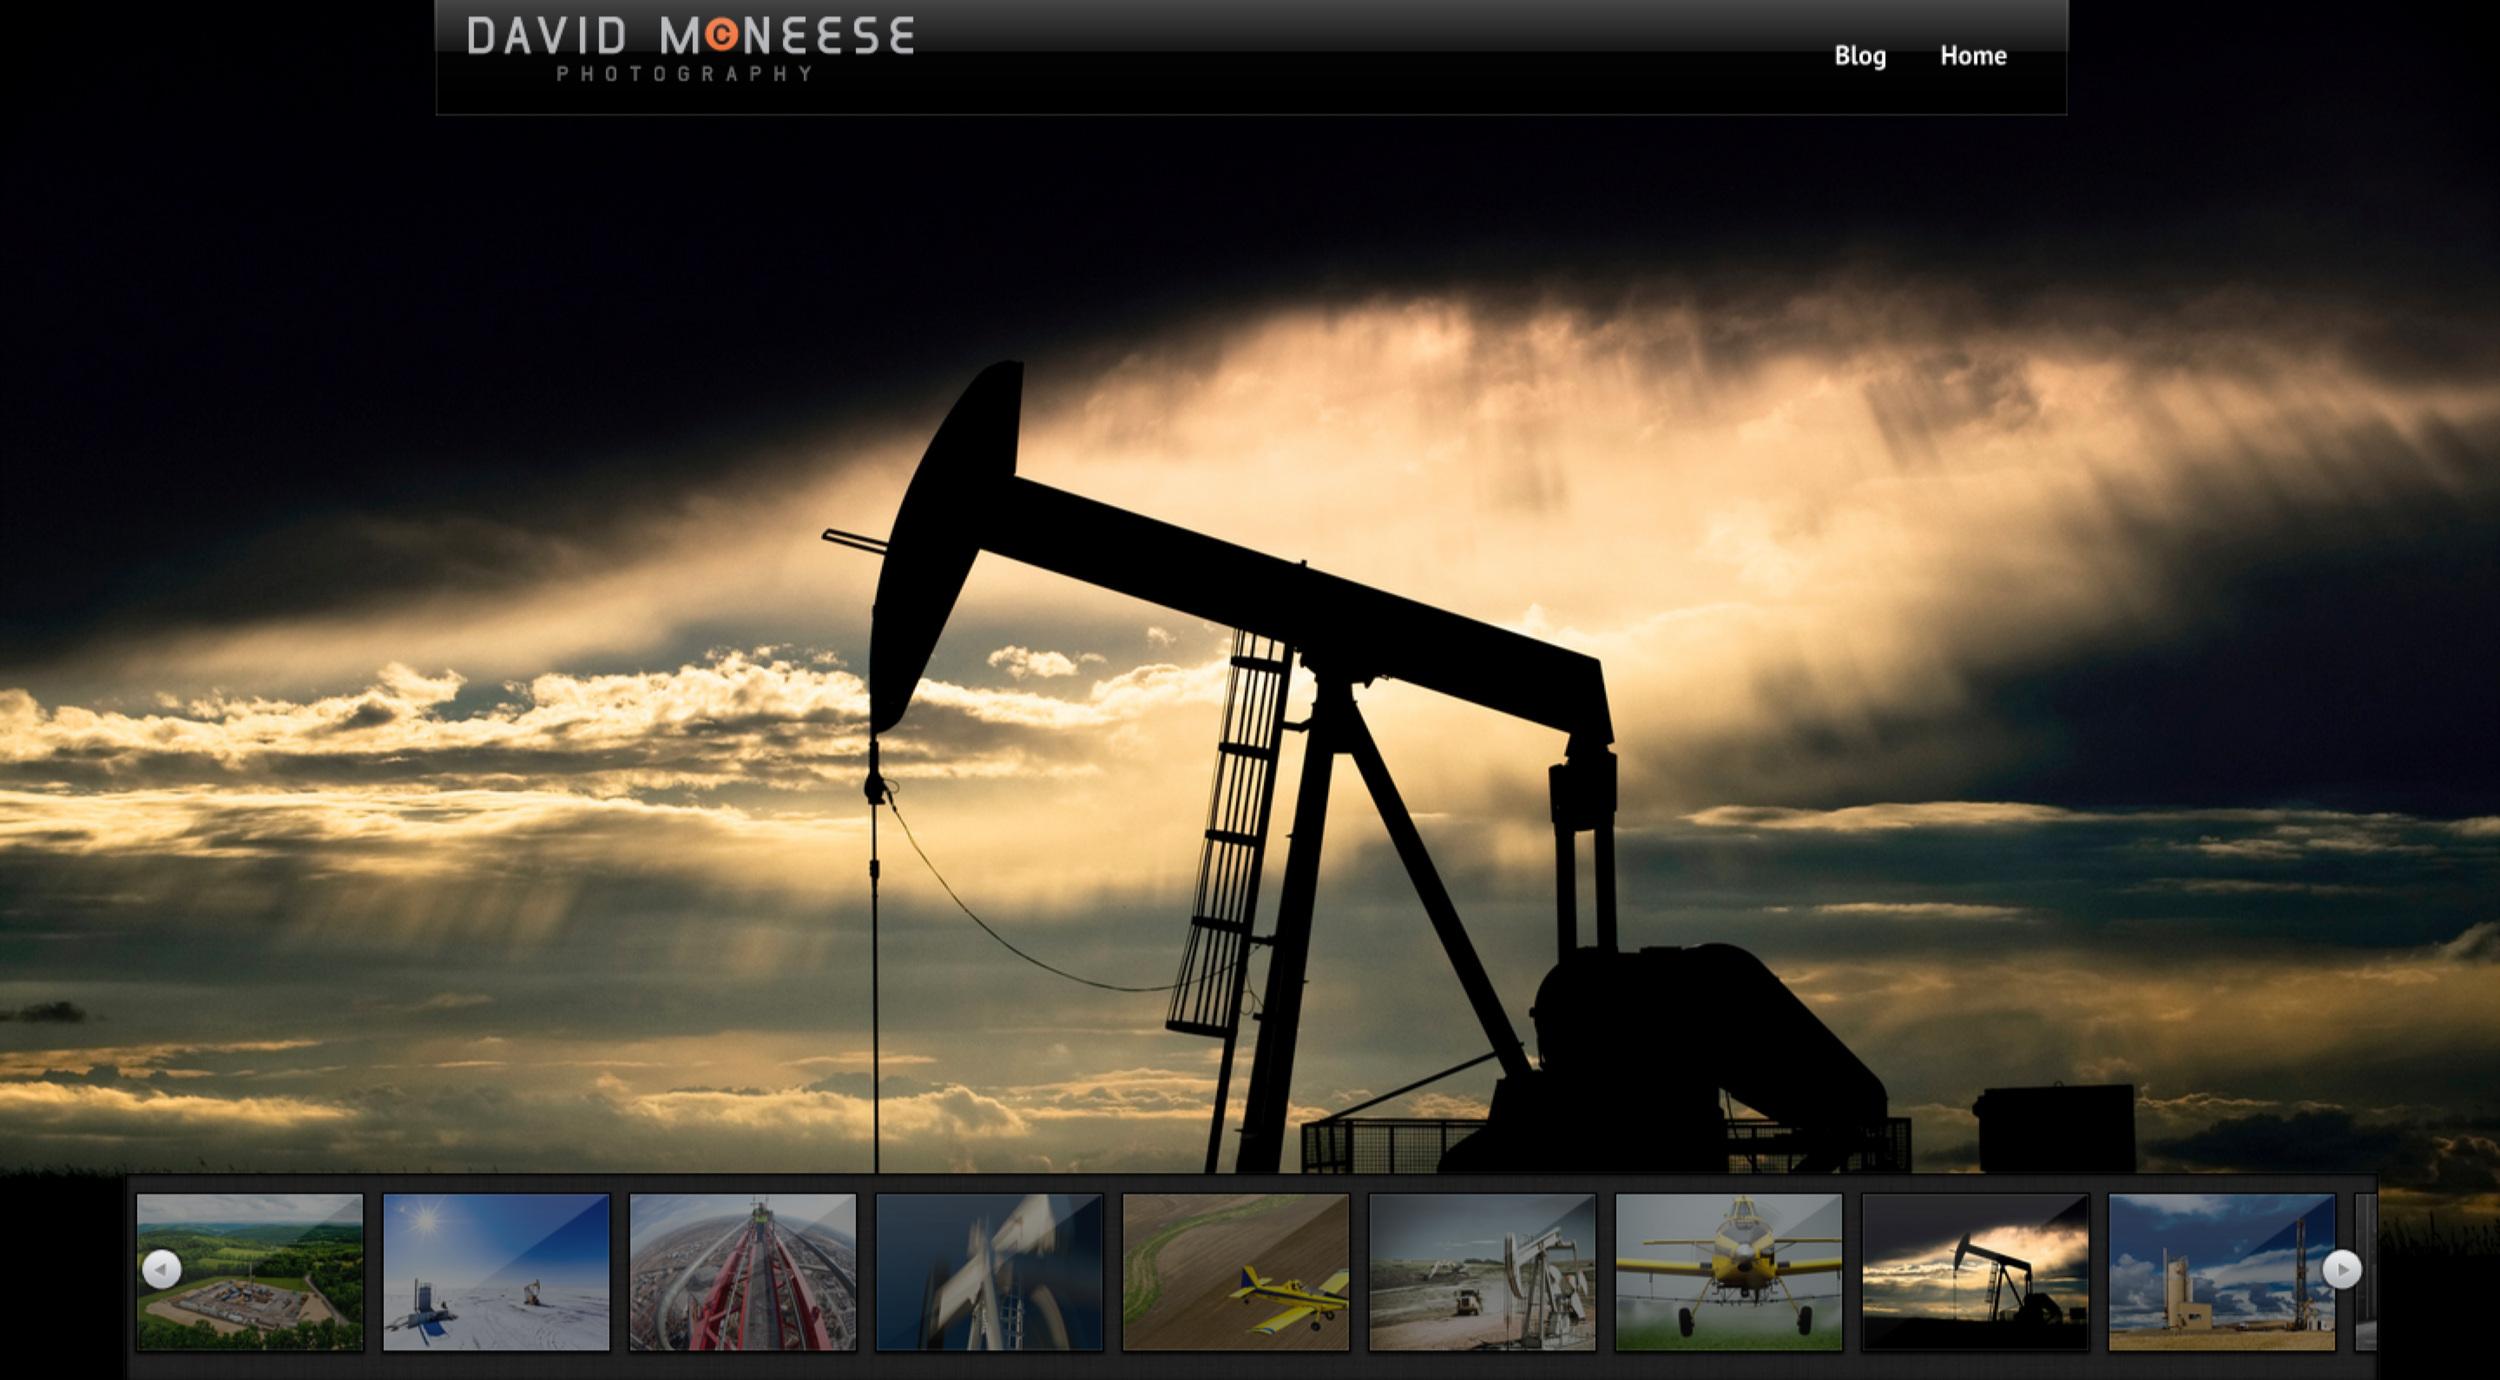 Screen Shot 2012-07-17 at 2.36.52 PM